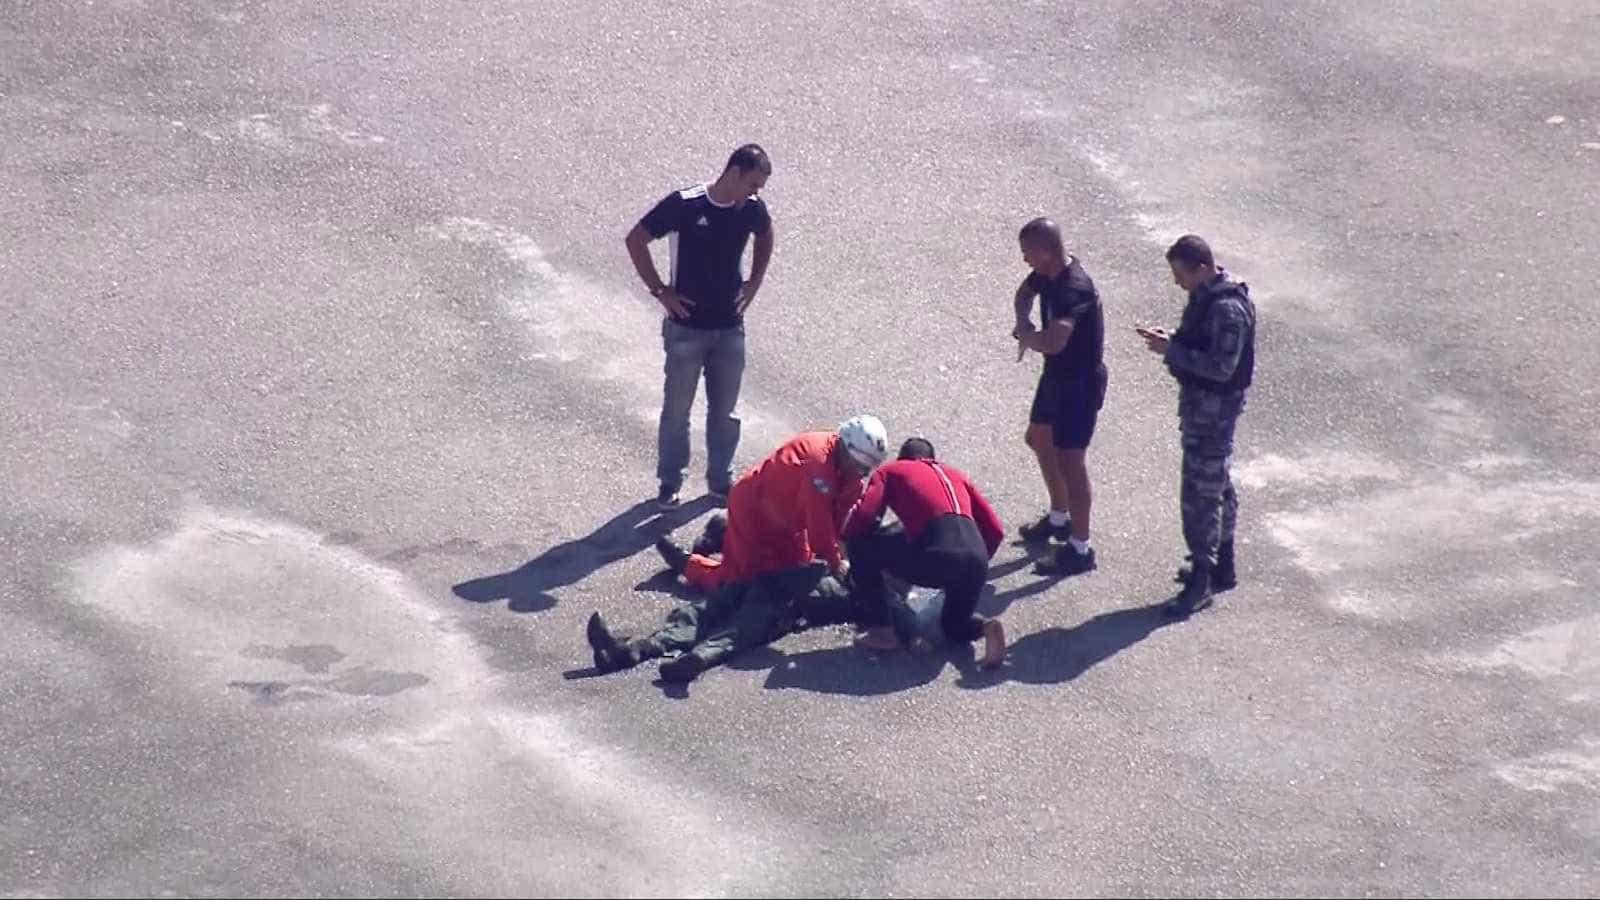 Sargento que morreu em queda de helicóptero no Rio será sepultado hoje